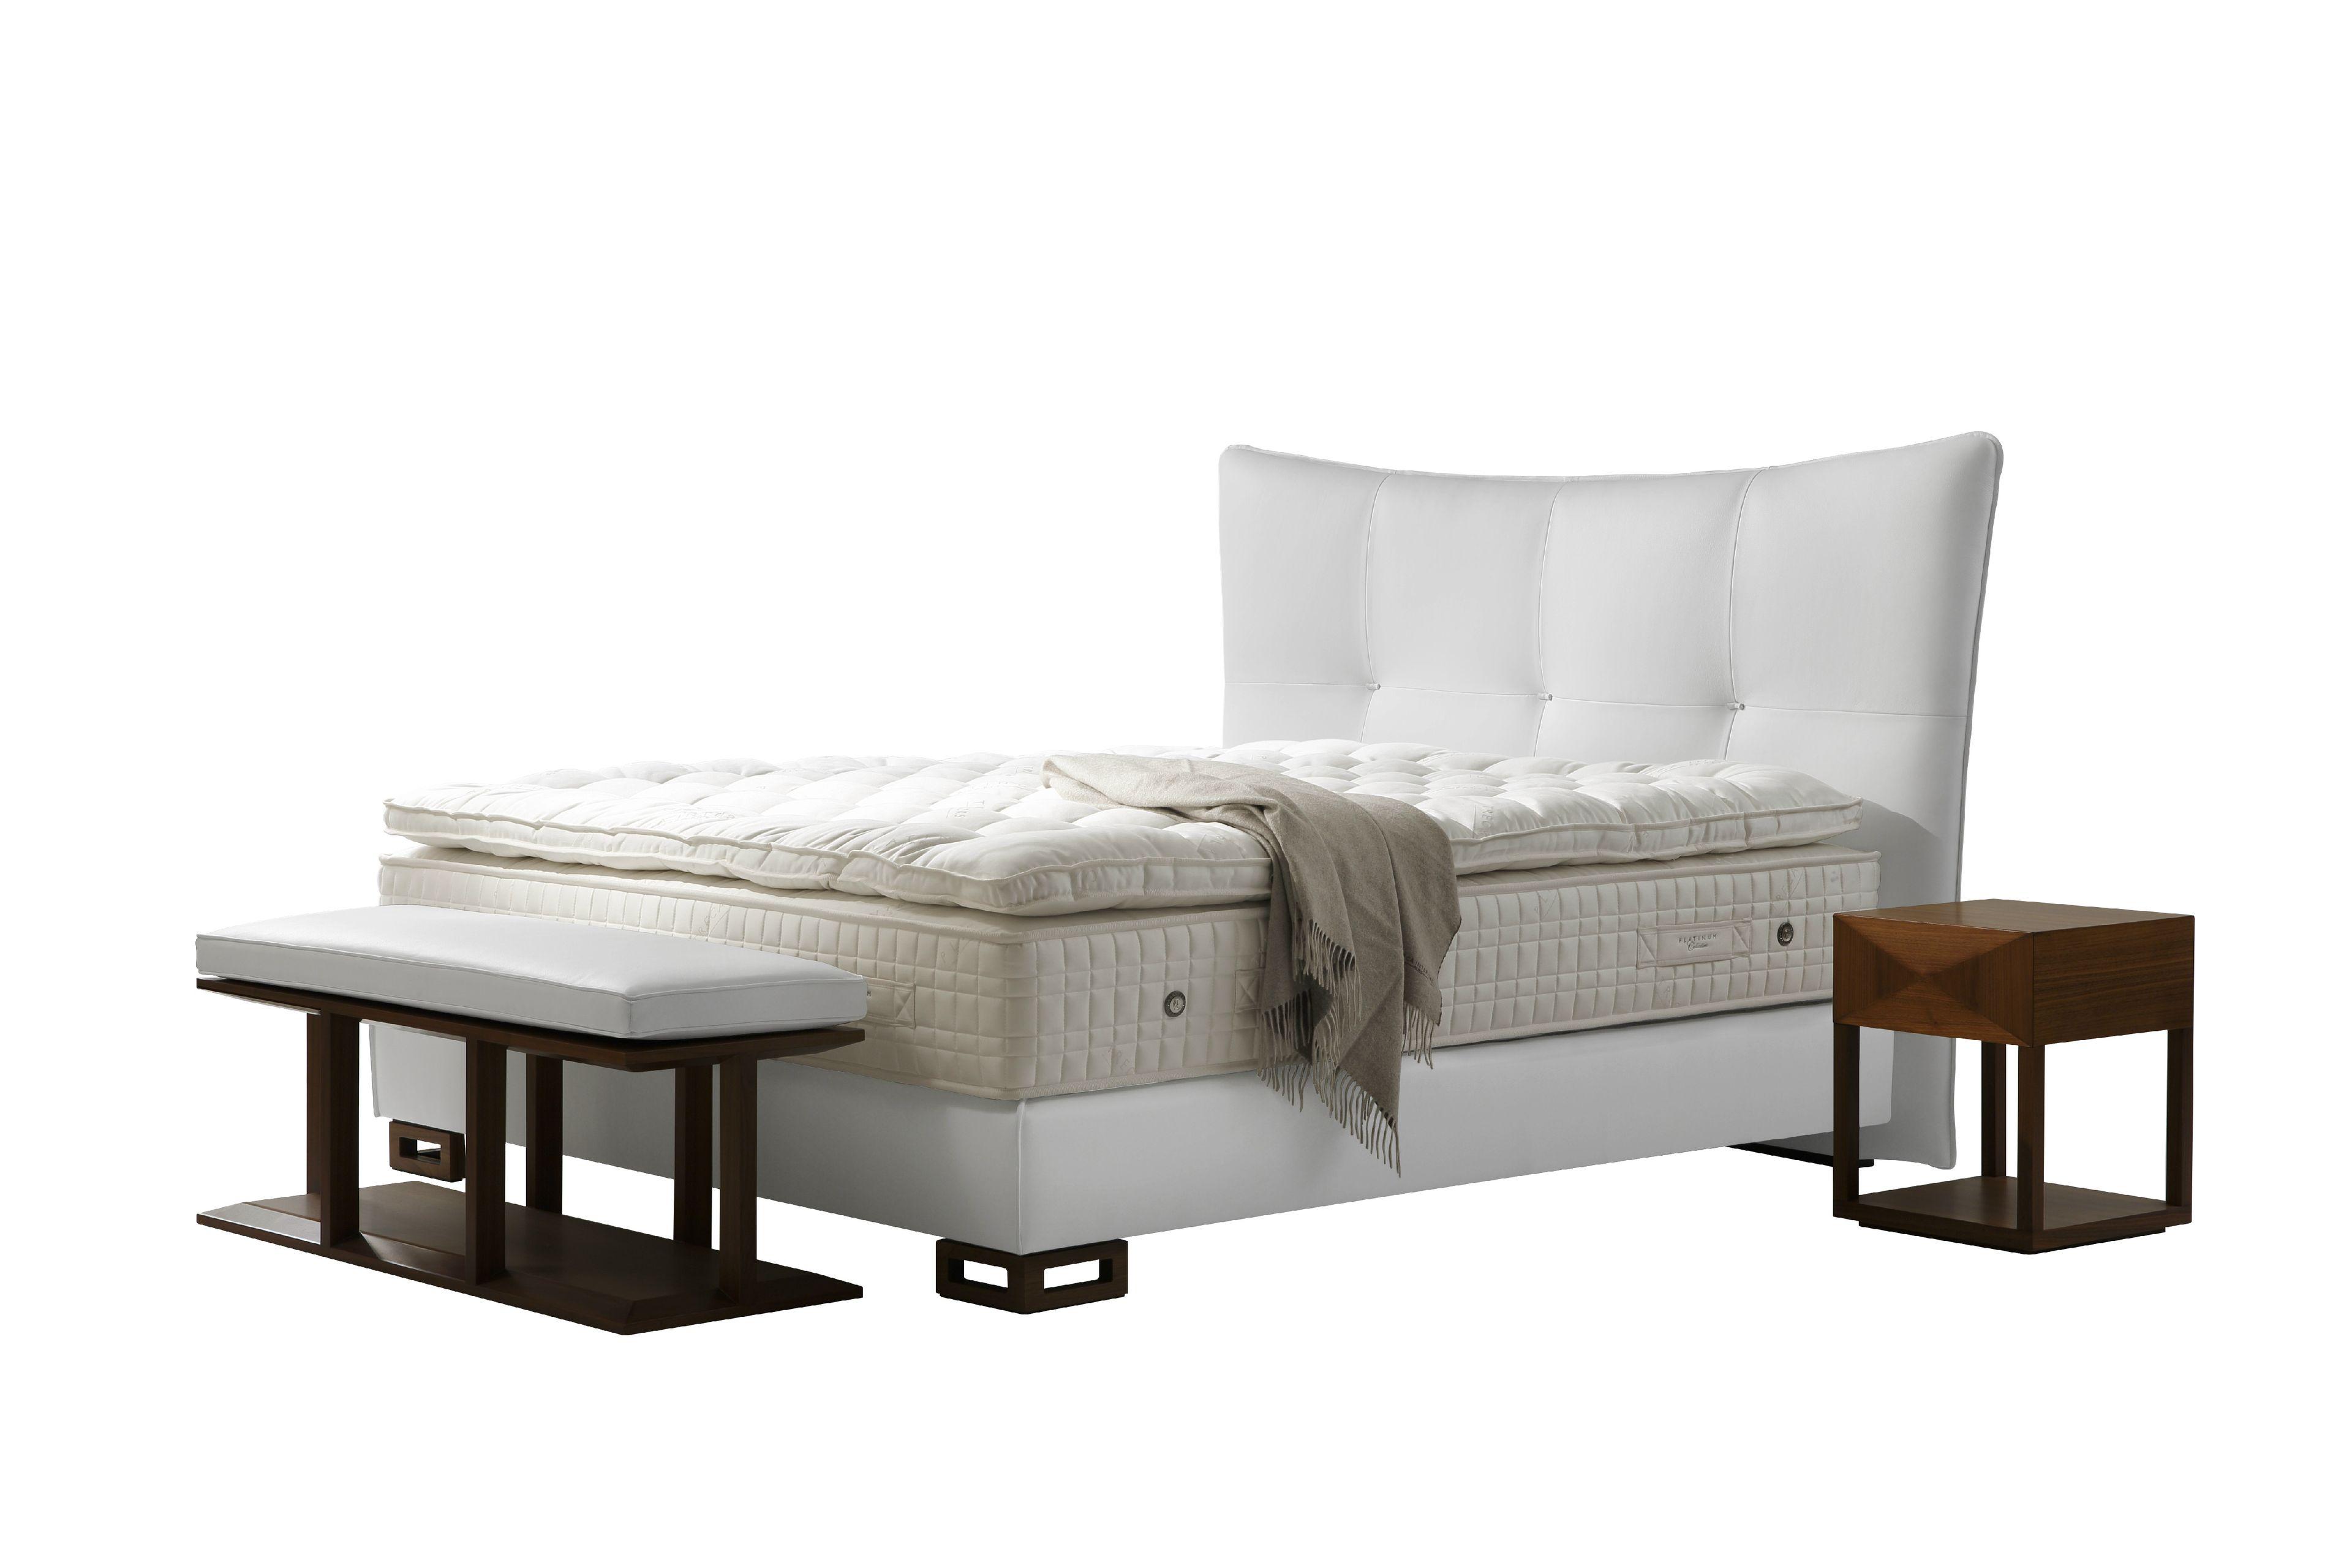 t te de lit haute rembourr e pour lit double stella by treca interiors paris design annette lang. Black Bedroom Furniture Sets. Home Design Ideas